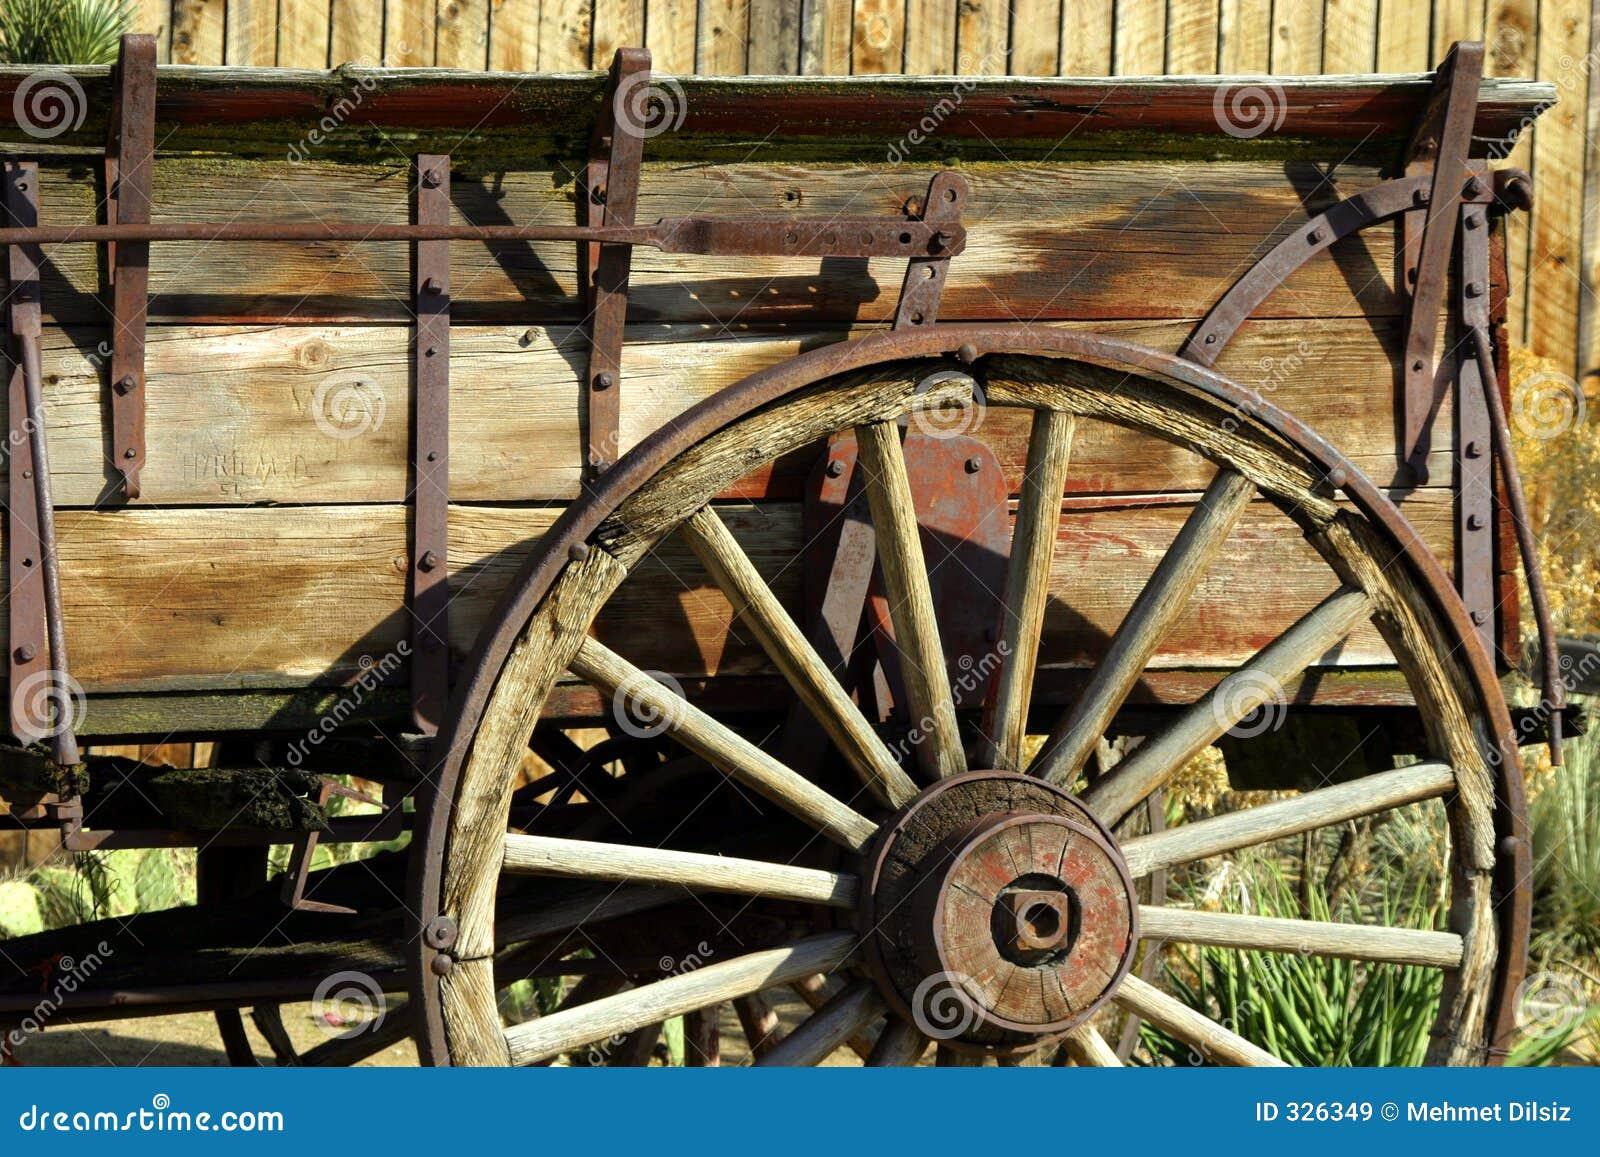 vieille roue de chariot antique image stock image du. Black Bedroom Furniture Sets. Home Design Ideas